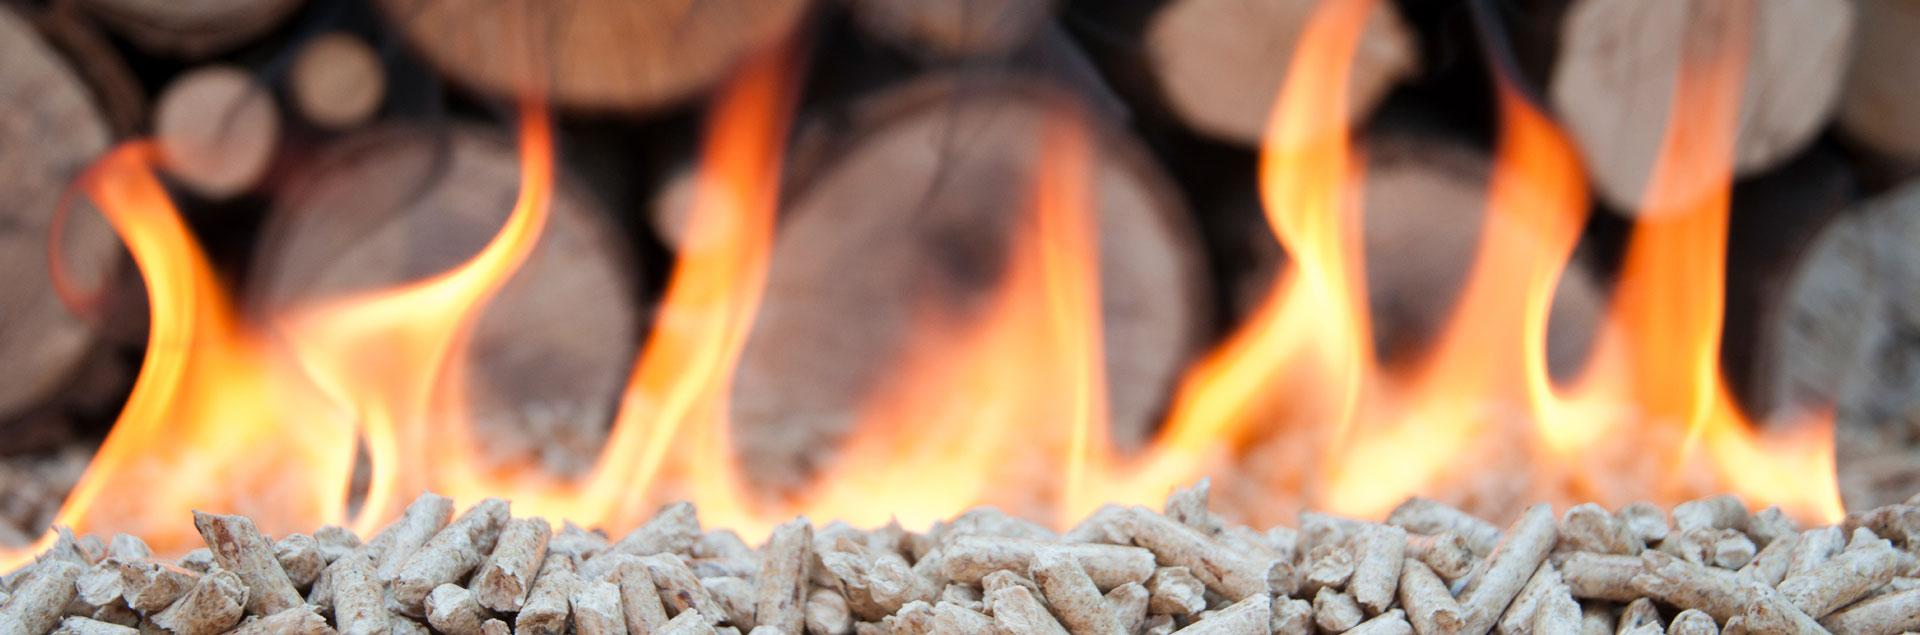 biomass-heating